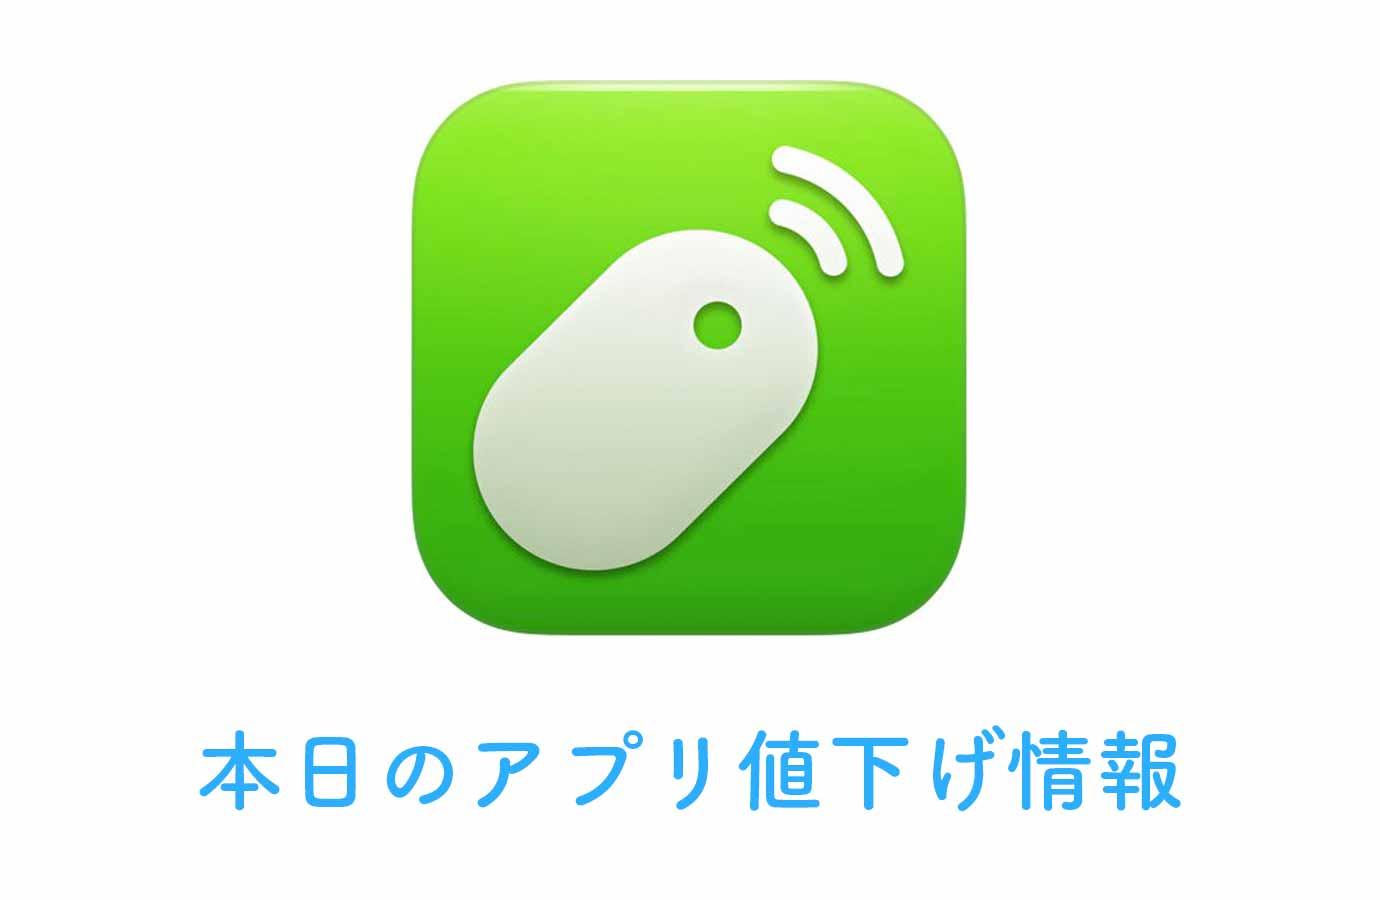 240円→無料!iPhoneがMacのマウスになるアプリ「ワイヤレスマウス」など【7/23版】アプリ値下げ情報